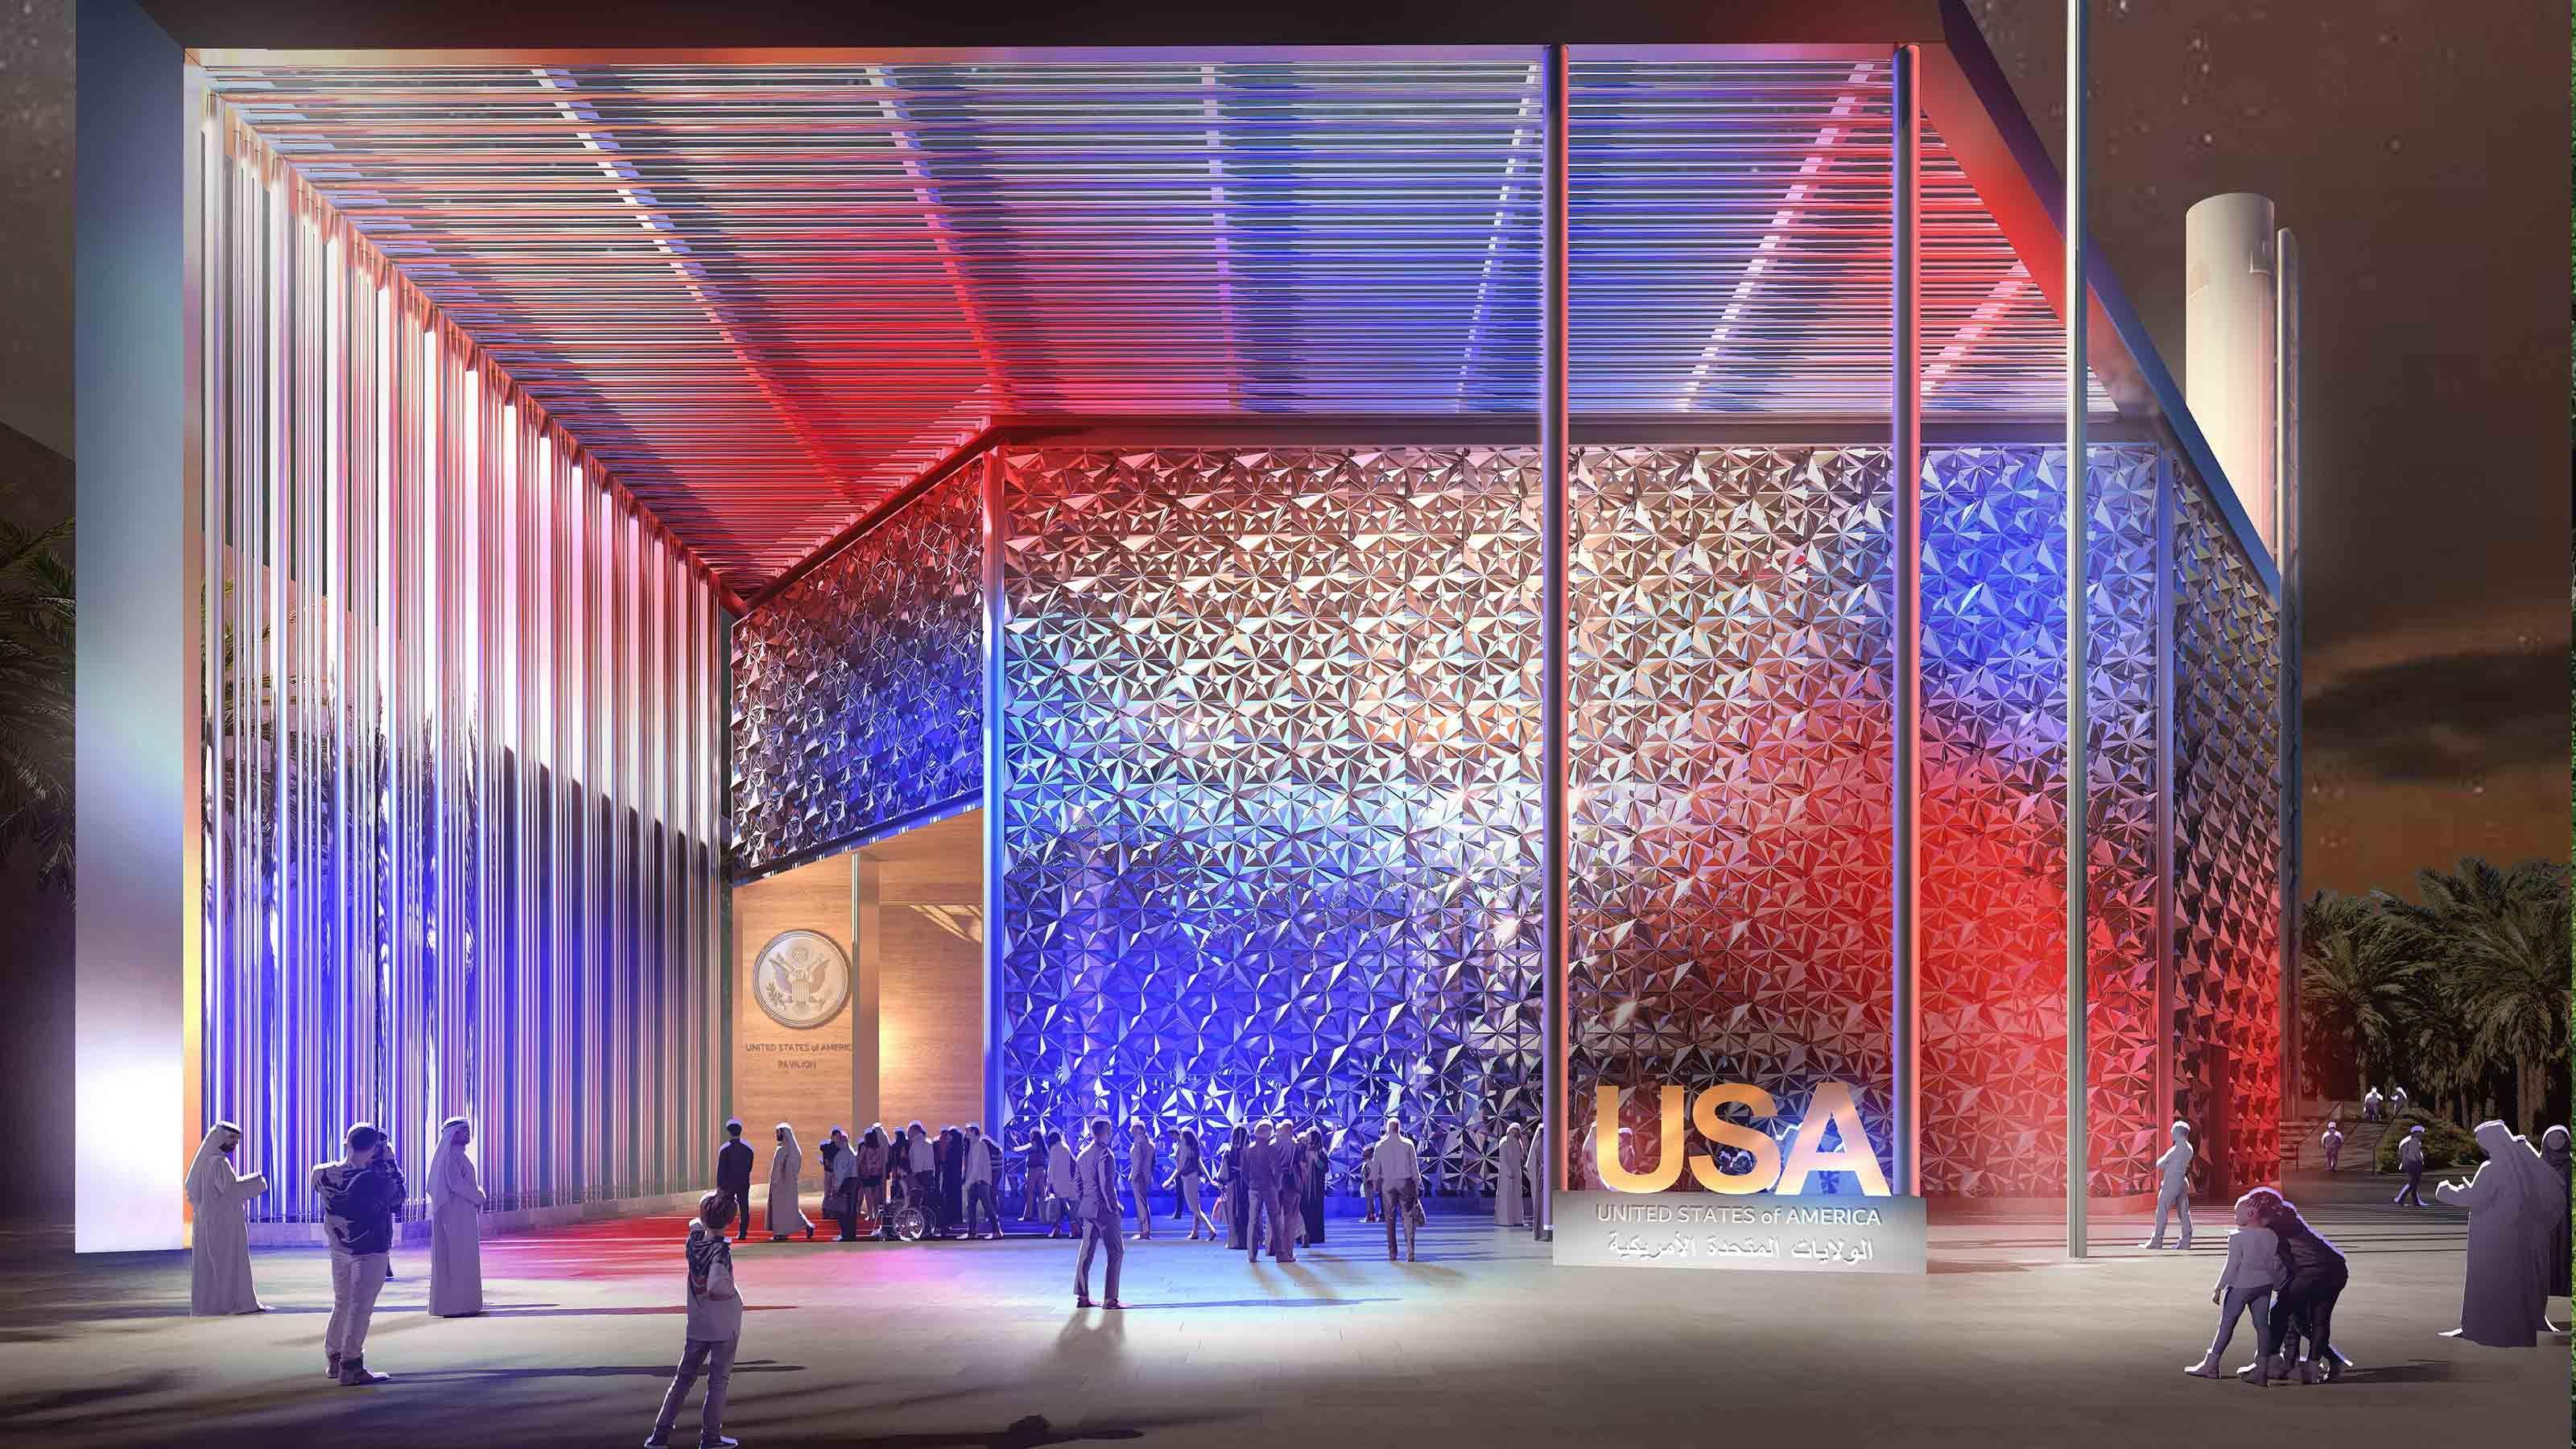 Expo 2020 Dubái